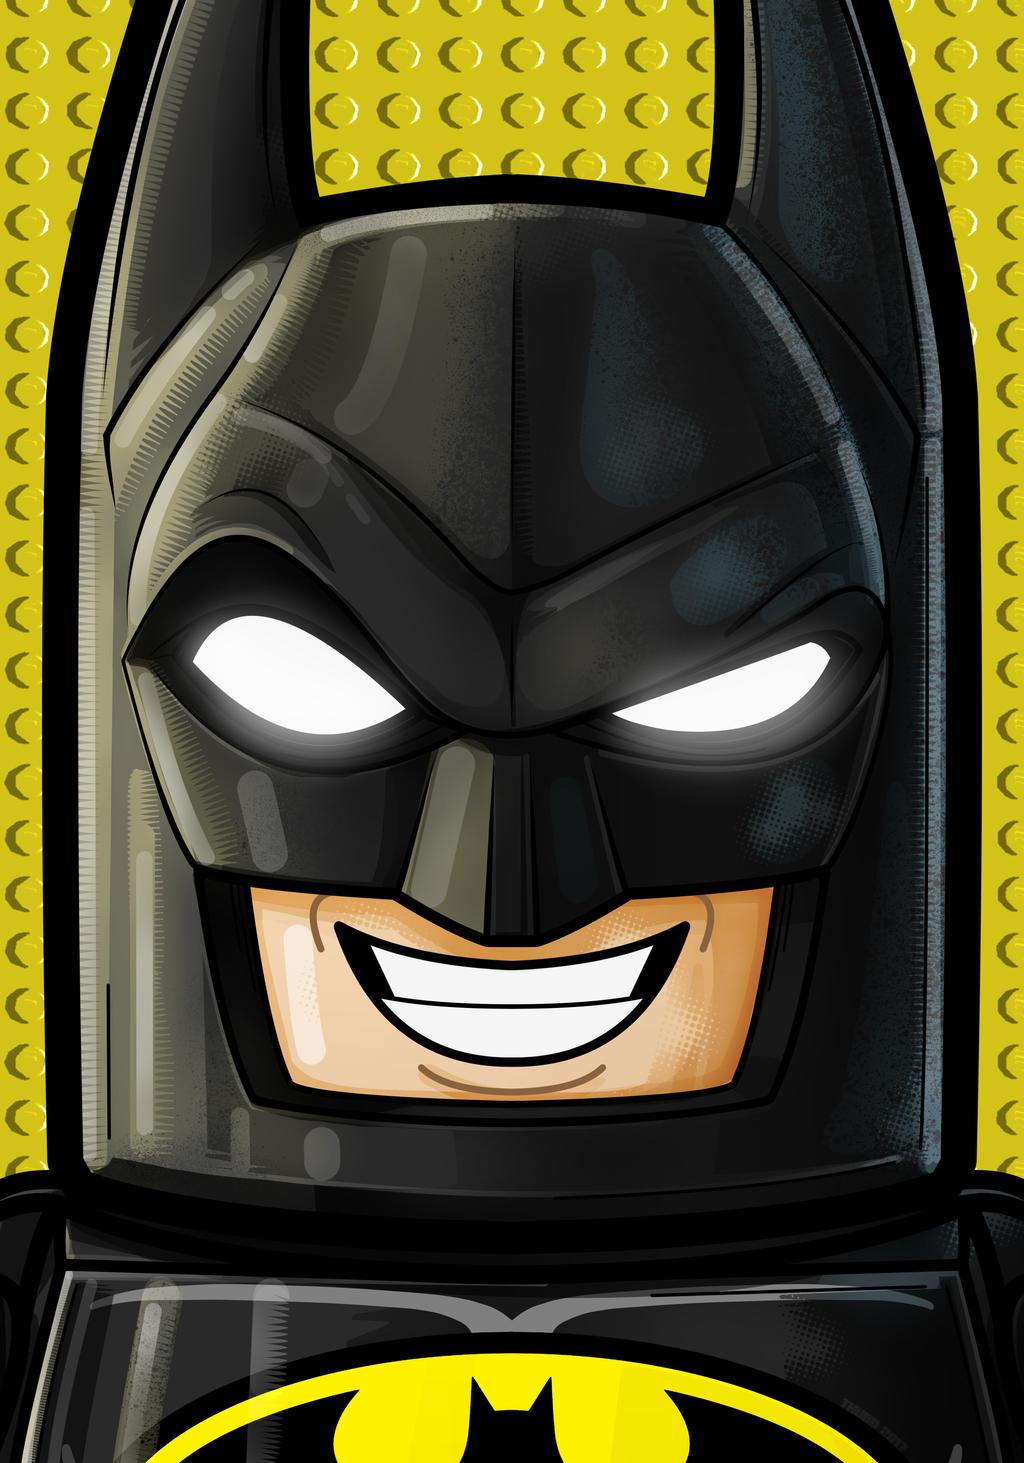 Lego Batman by Thuddleston